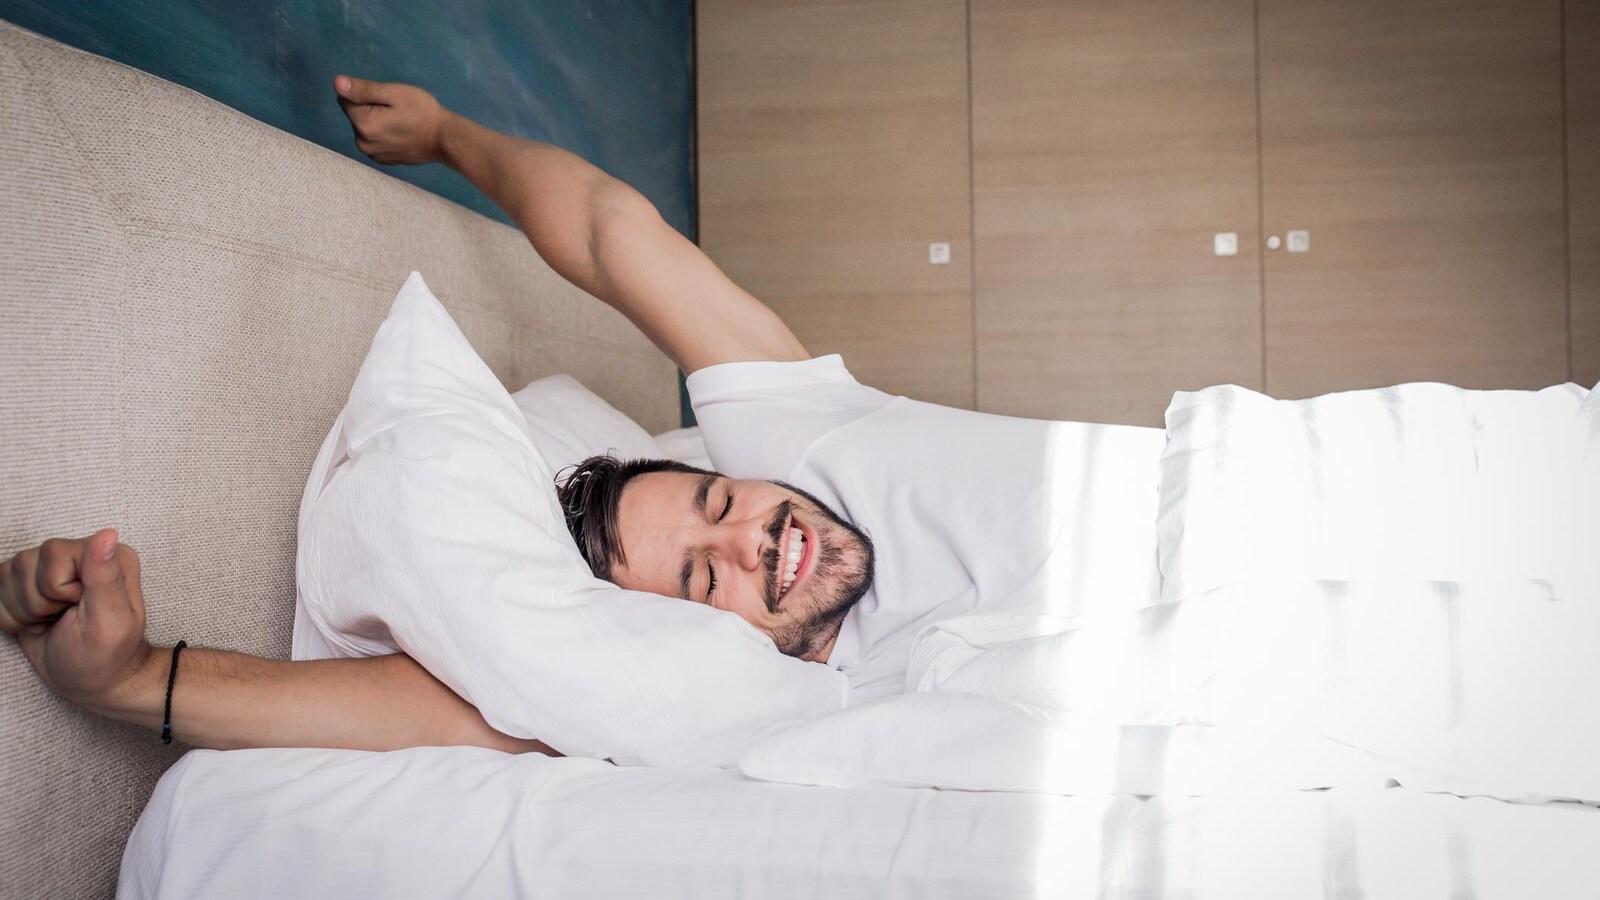 Un homme s'étire dans un lit.